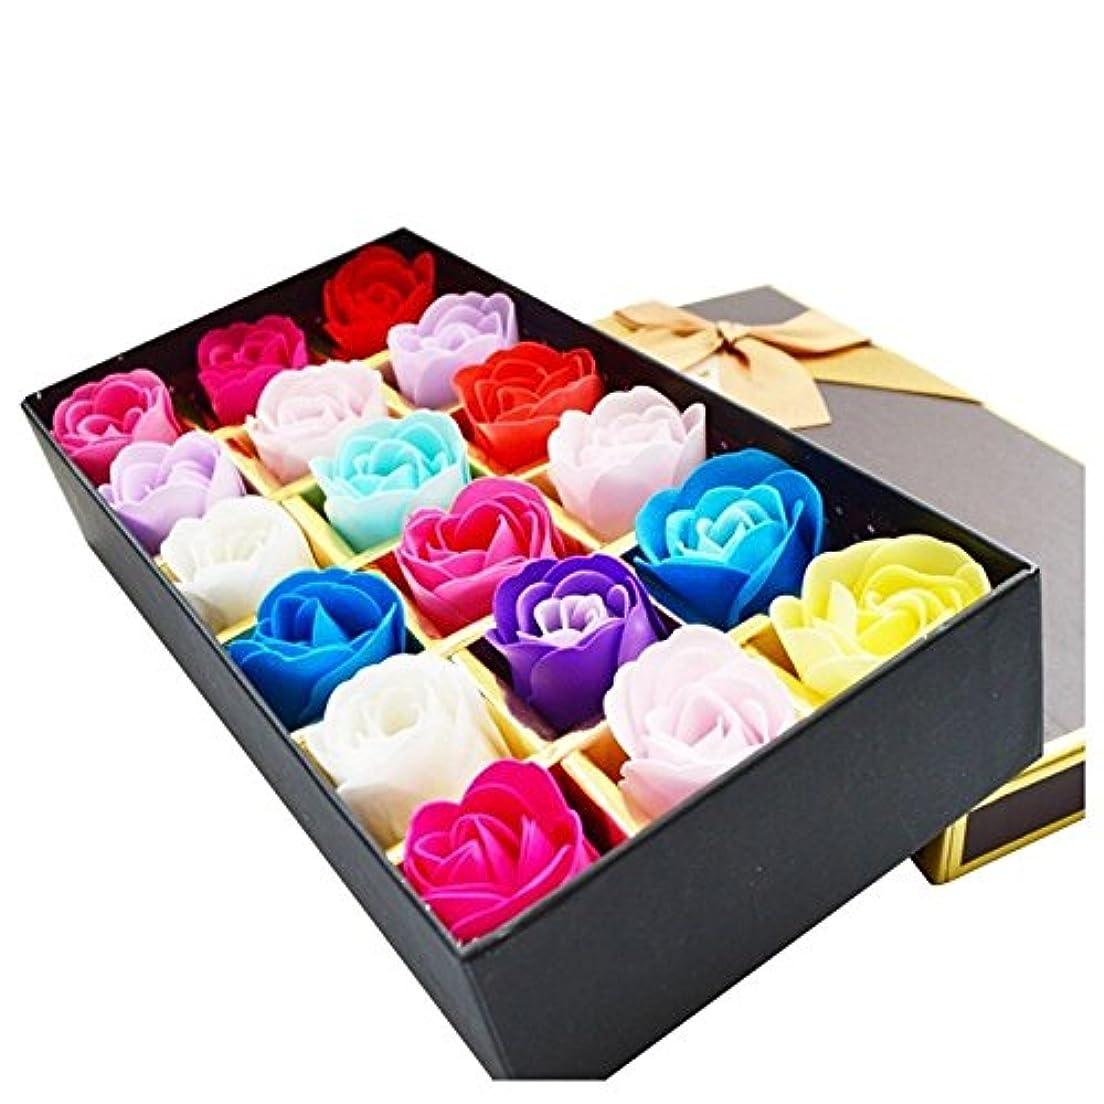 ボイドジャンルブレークローズ フラワーソープ 石鹸 薔薇 プレゼント お祝い ③ #335